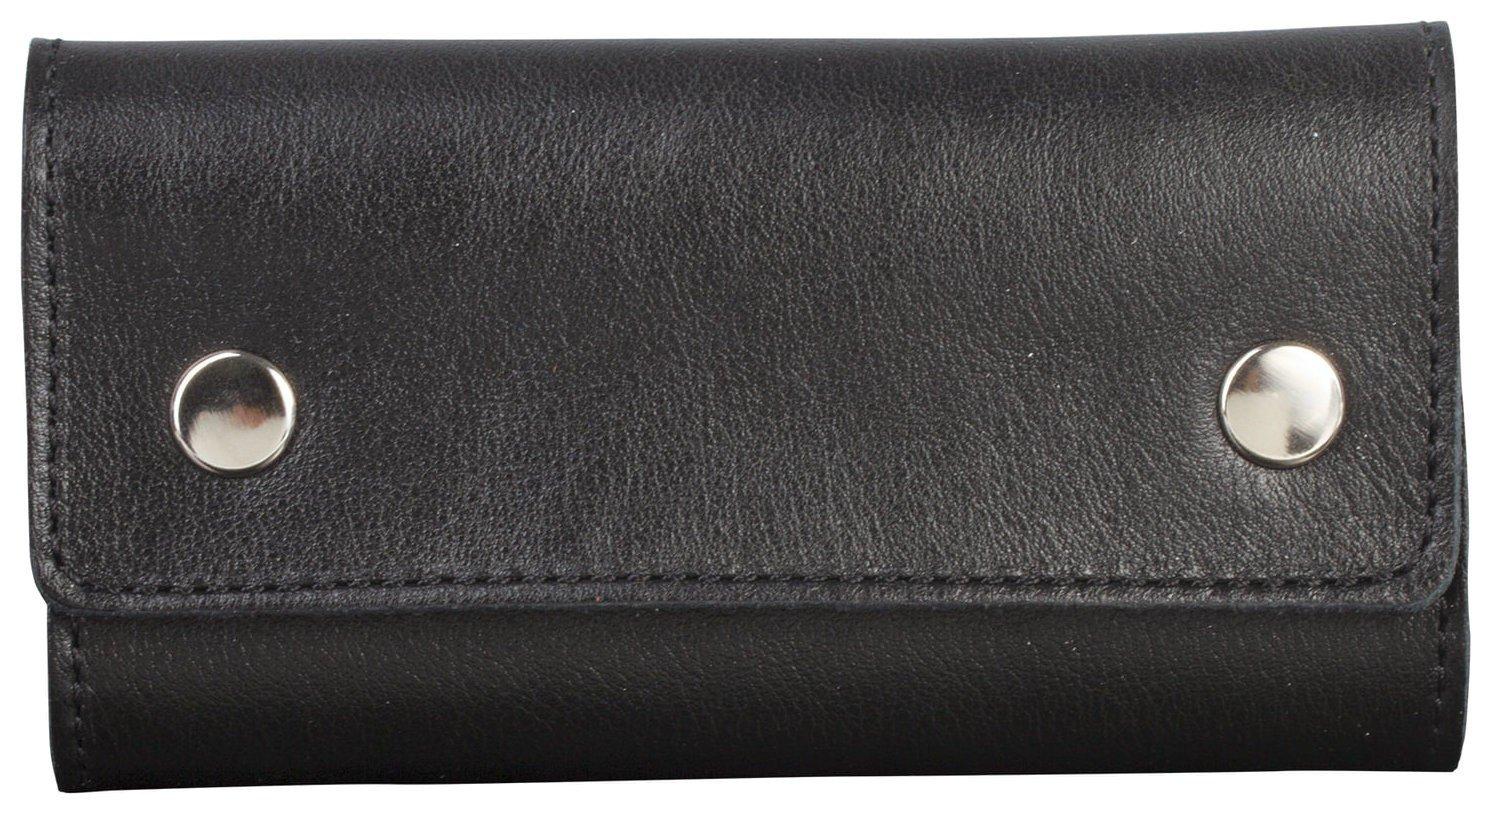 Футляр для ключей Fabula Estet, натуральная кожа, на кнопках, 60x110x25 мм, черный, Kl44.mn Fabula